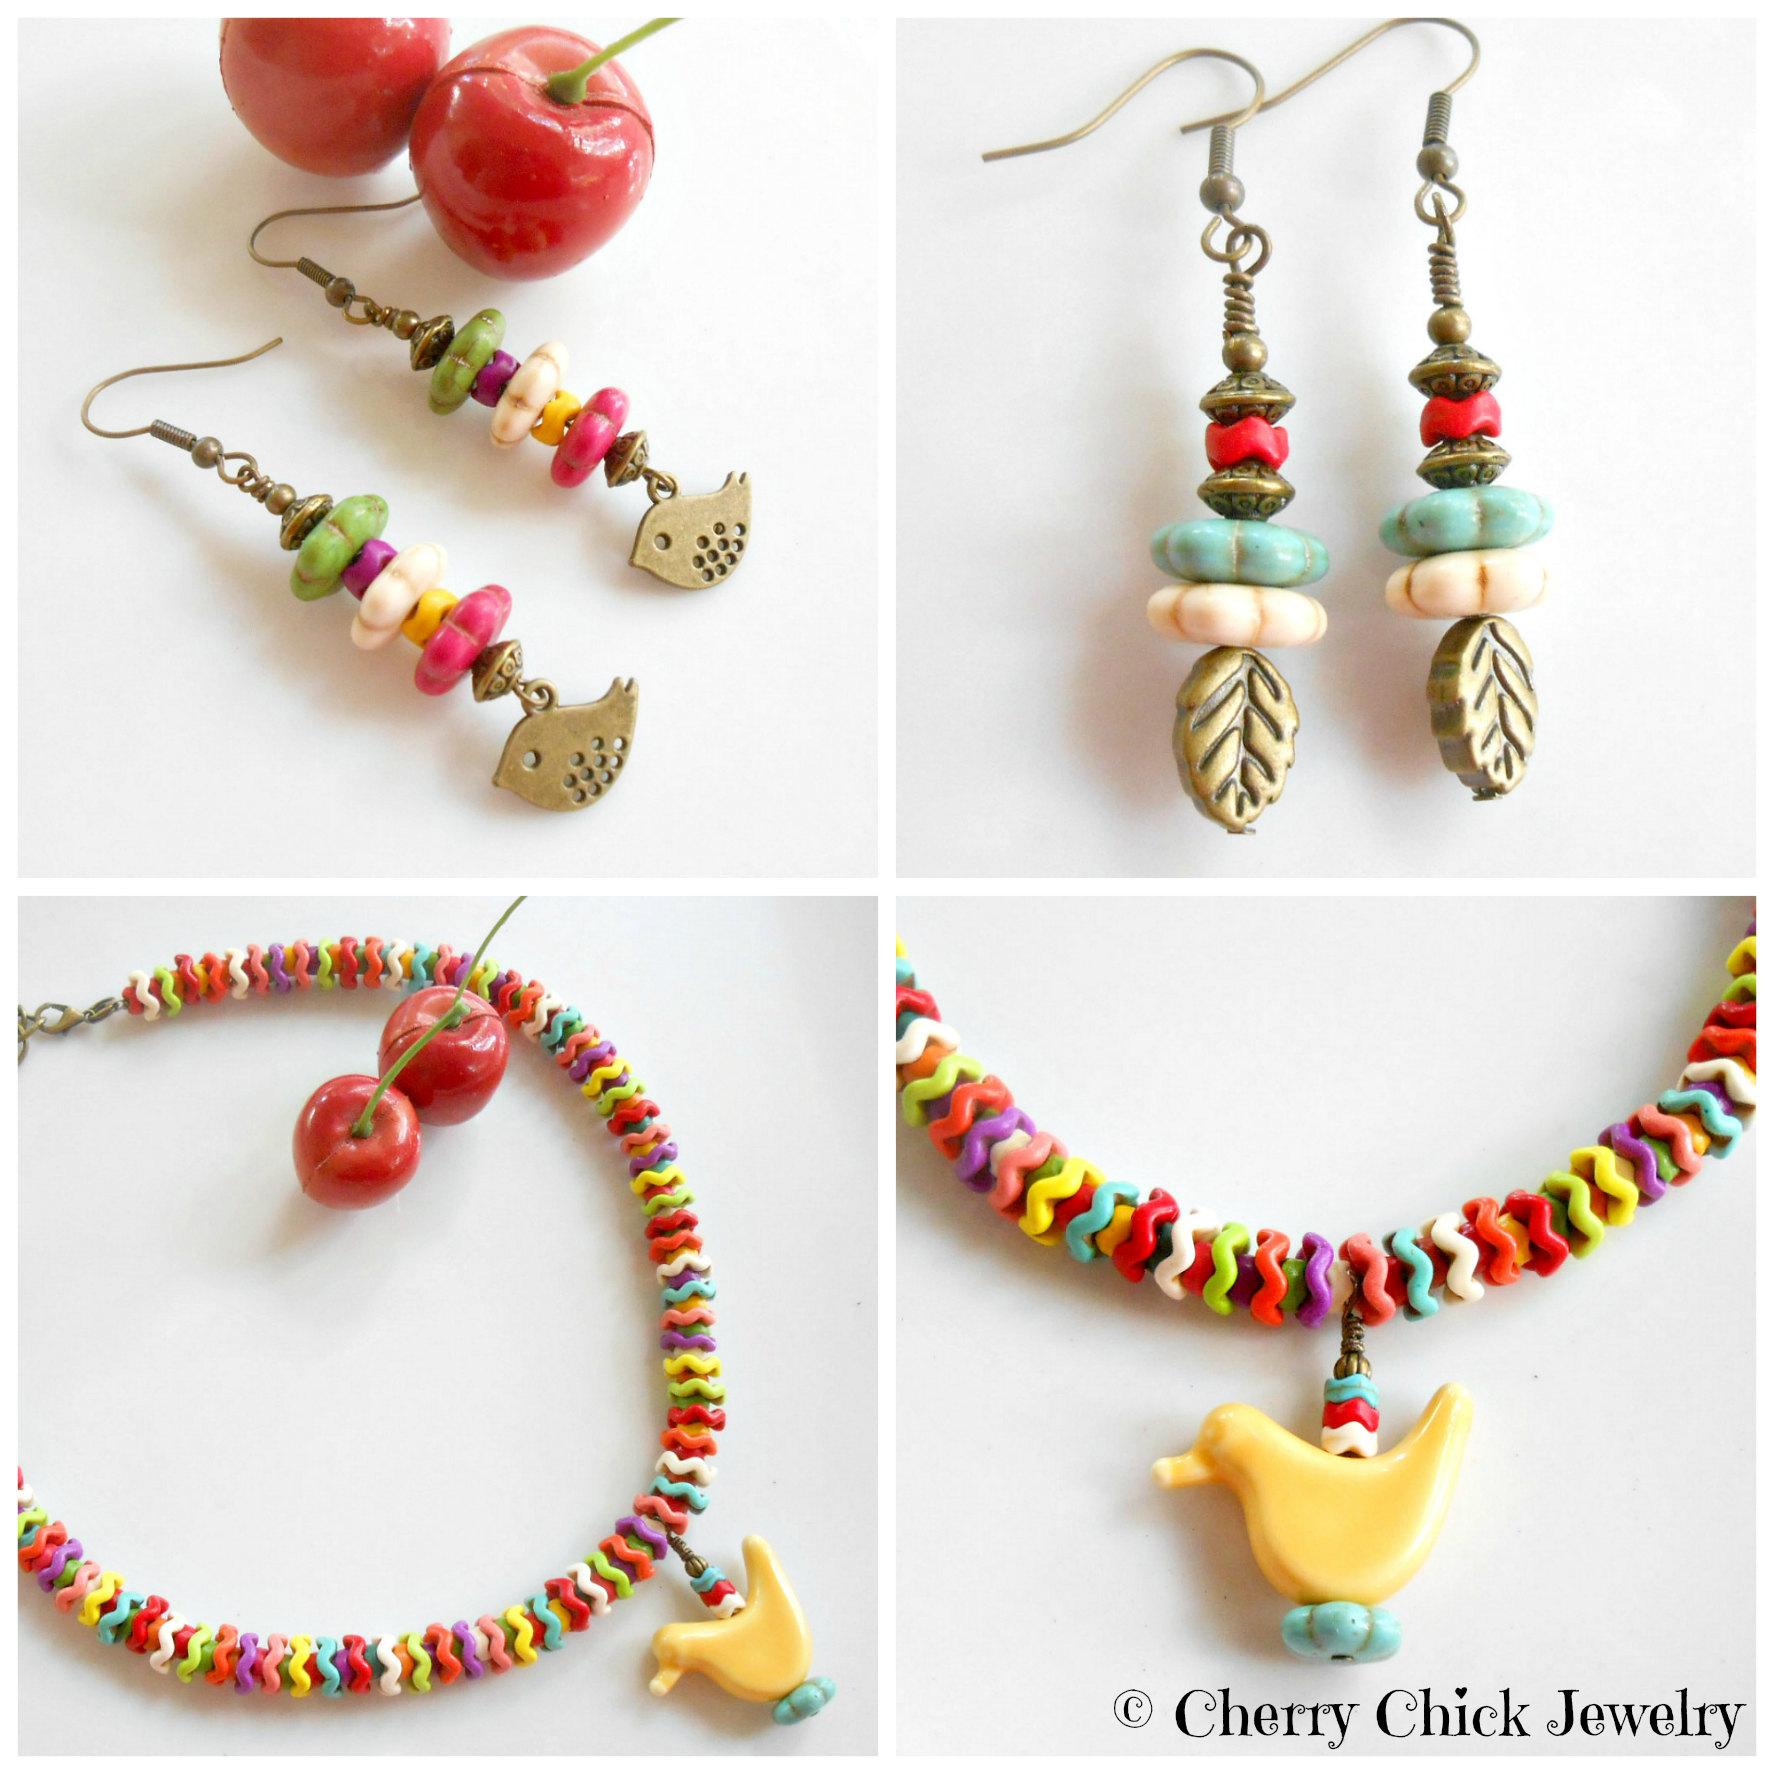 CherryChick